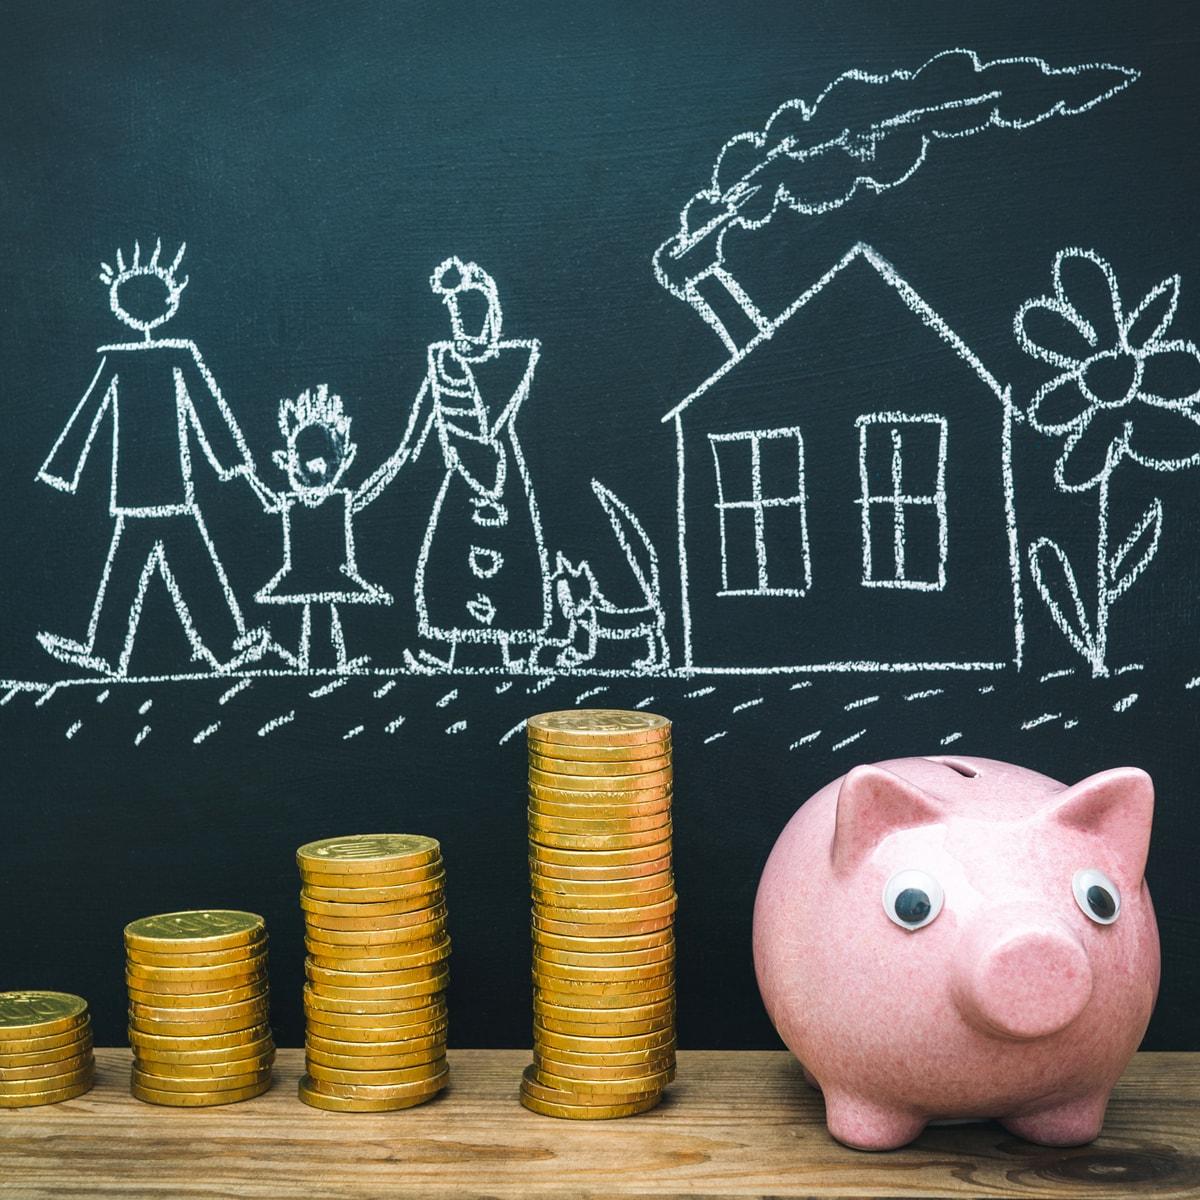 Steppy: il nuovo servizio di gestione patrimoniale by Moneyfarm, dedicato a chi ha il conto buddybank